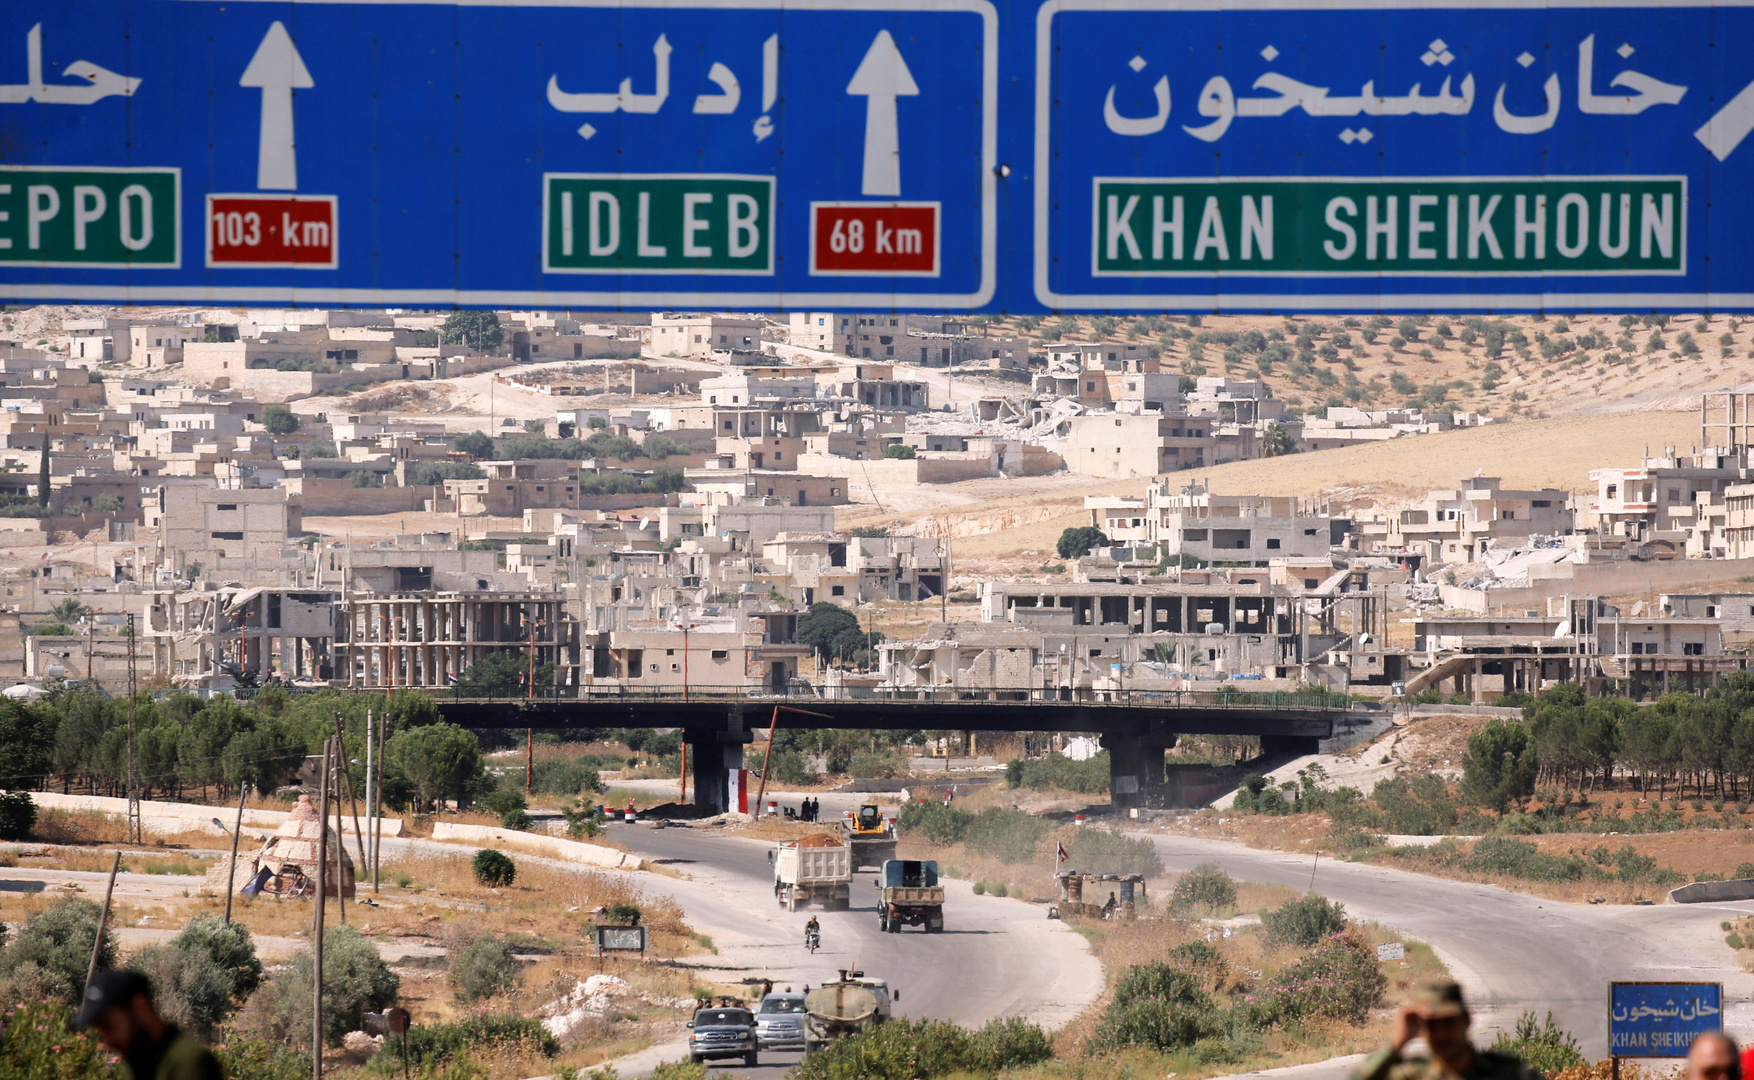 الجيش السوري يواصل عملياته والجيش التركي يحشد قواته شمال سوريا